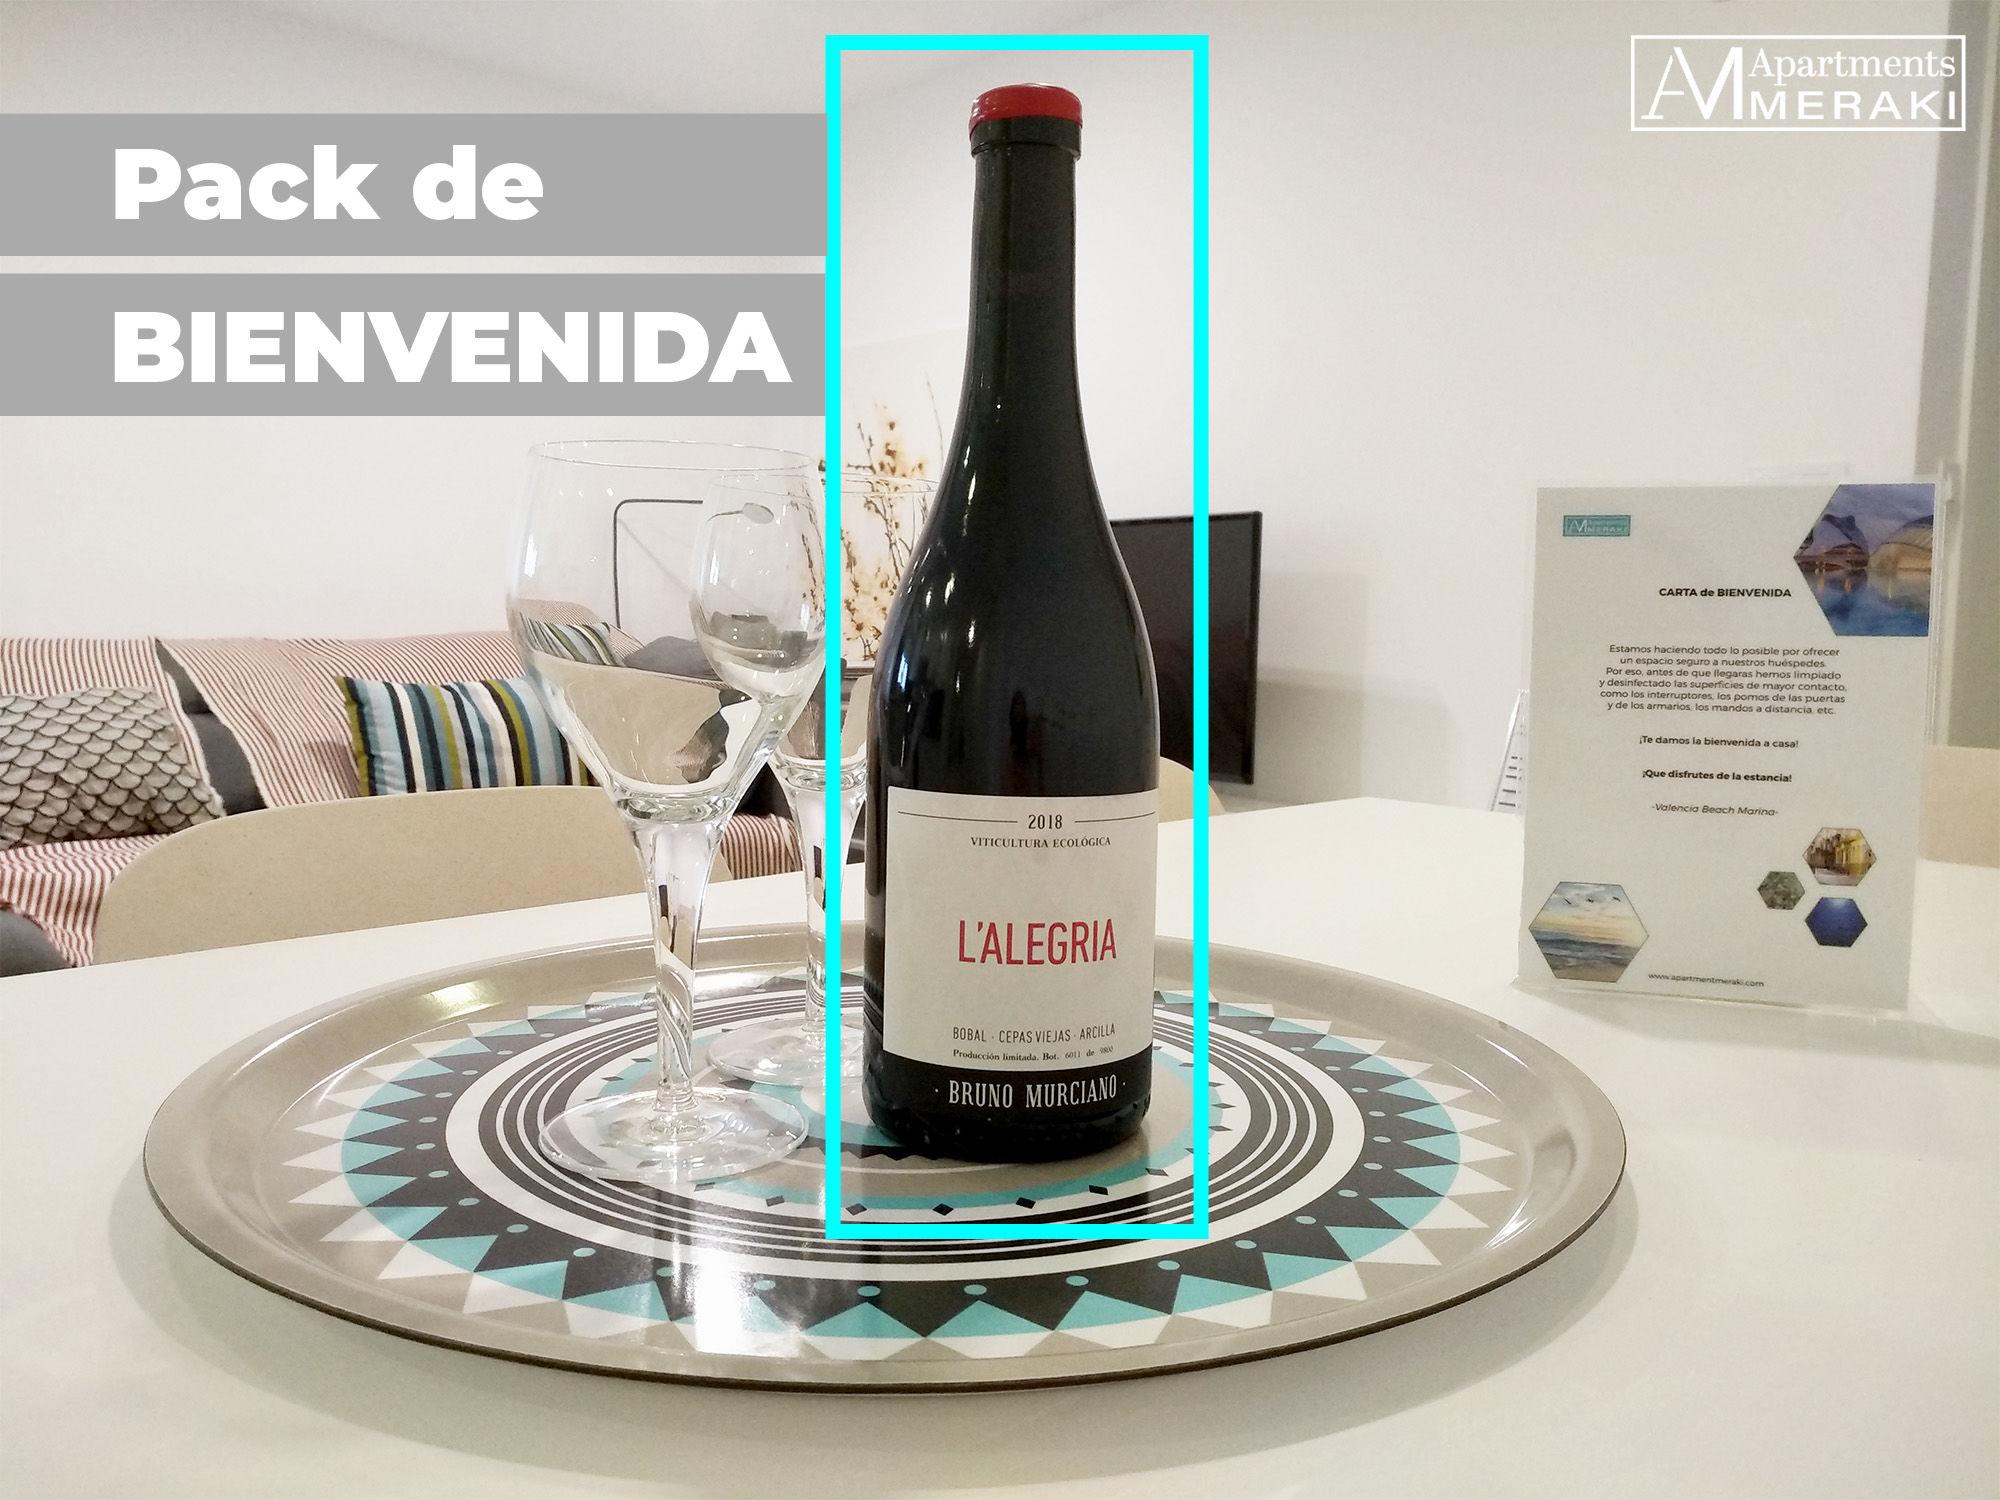 Pack BIENVENIDA Apartment Meraki